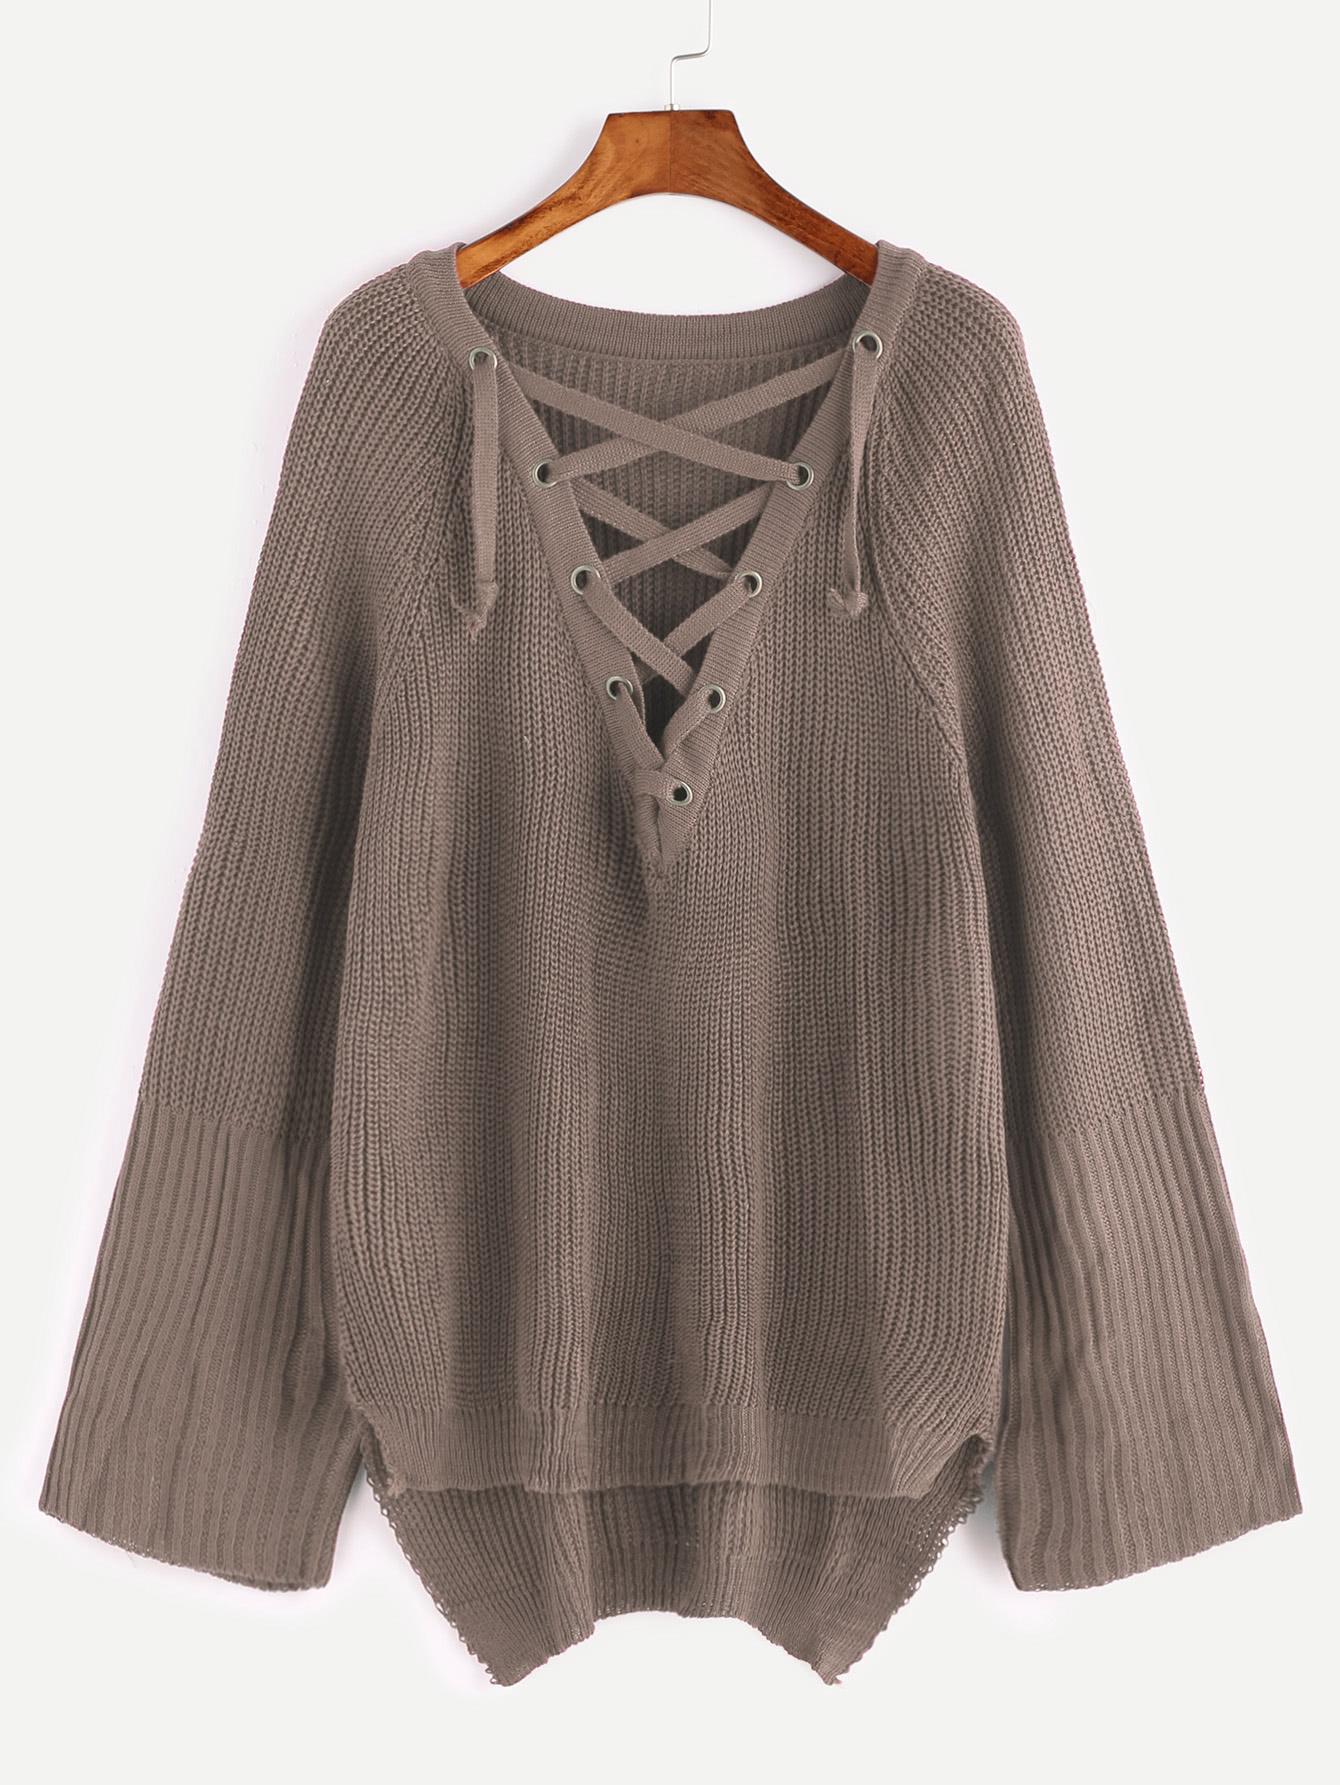 Khaki Eyelet Lace Up Slit Side High Low SweaterKhaki Eyelet Lace Up Slit Side High Low Sweater<br><br>color: Khaki<br>size: L,M,S,XL